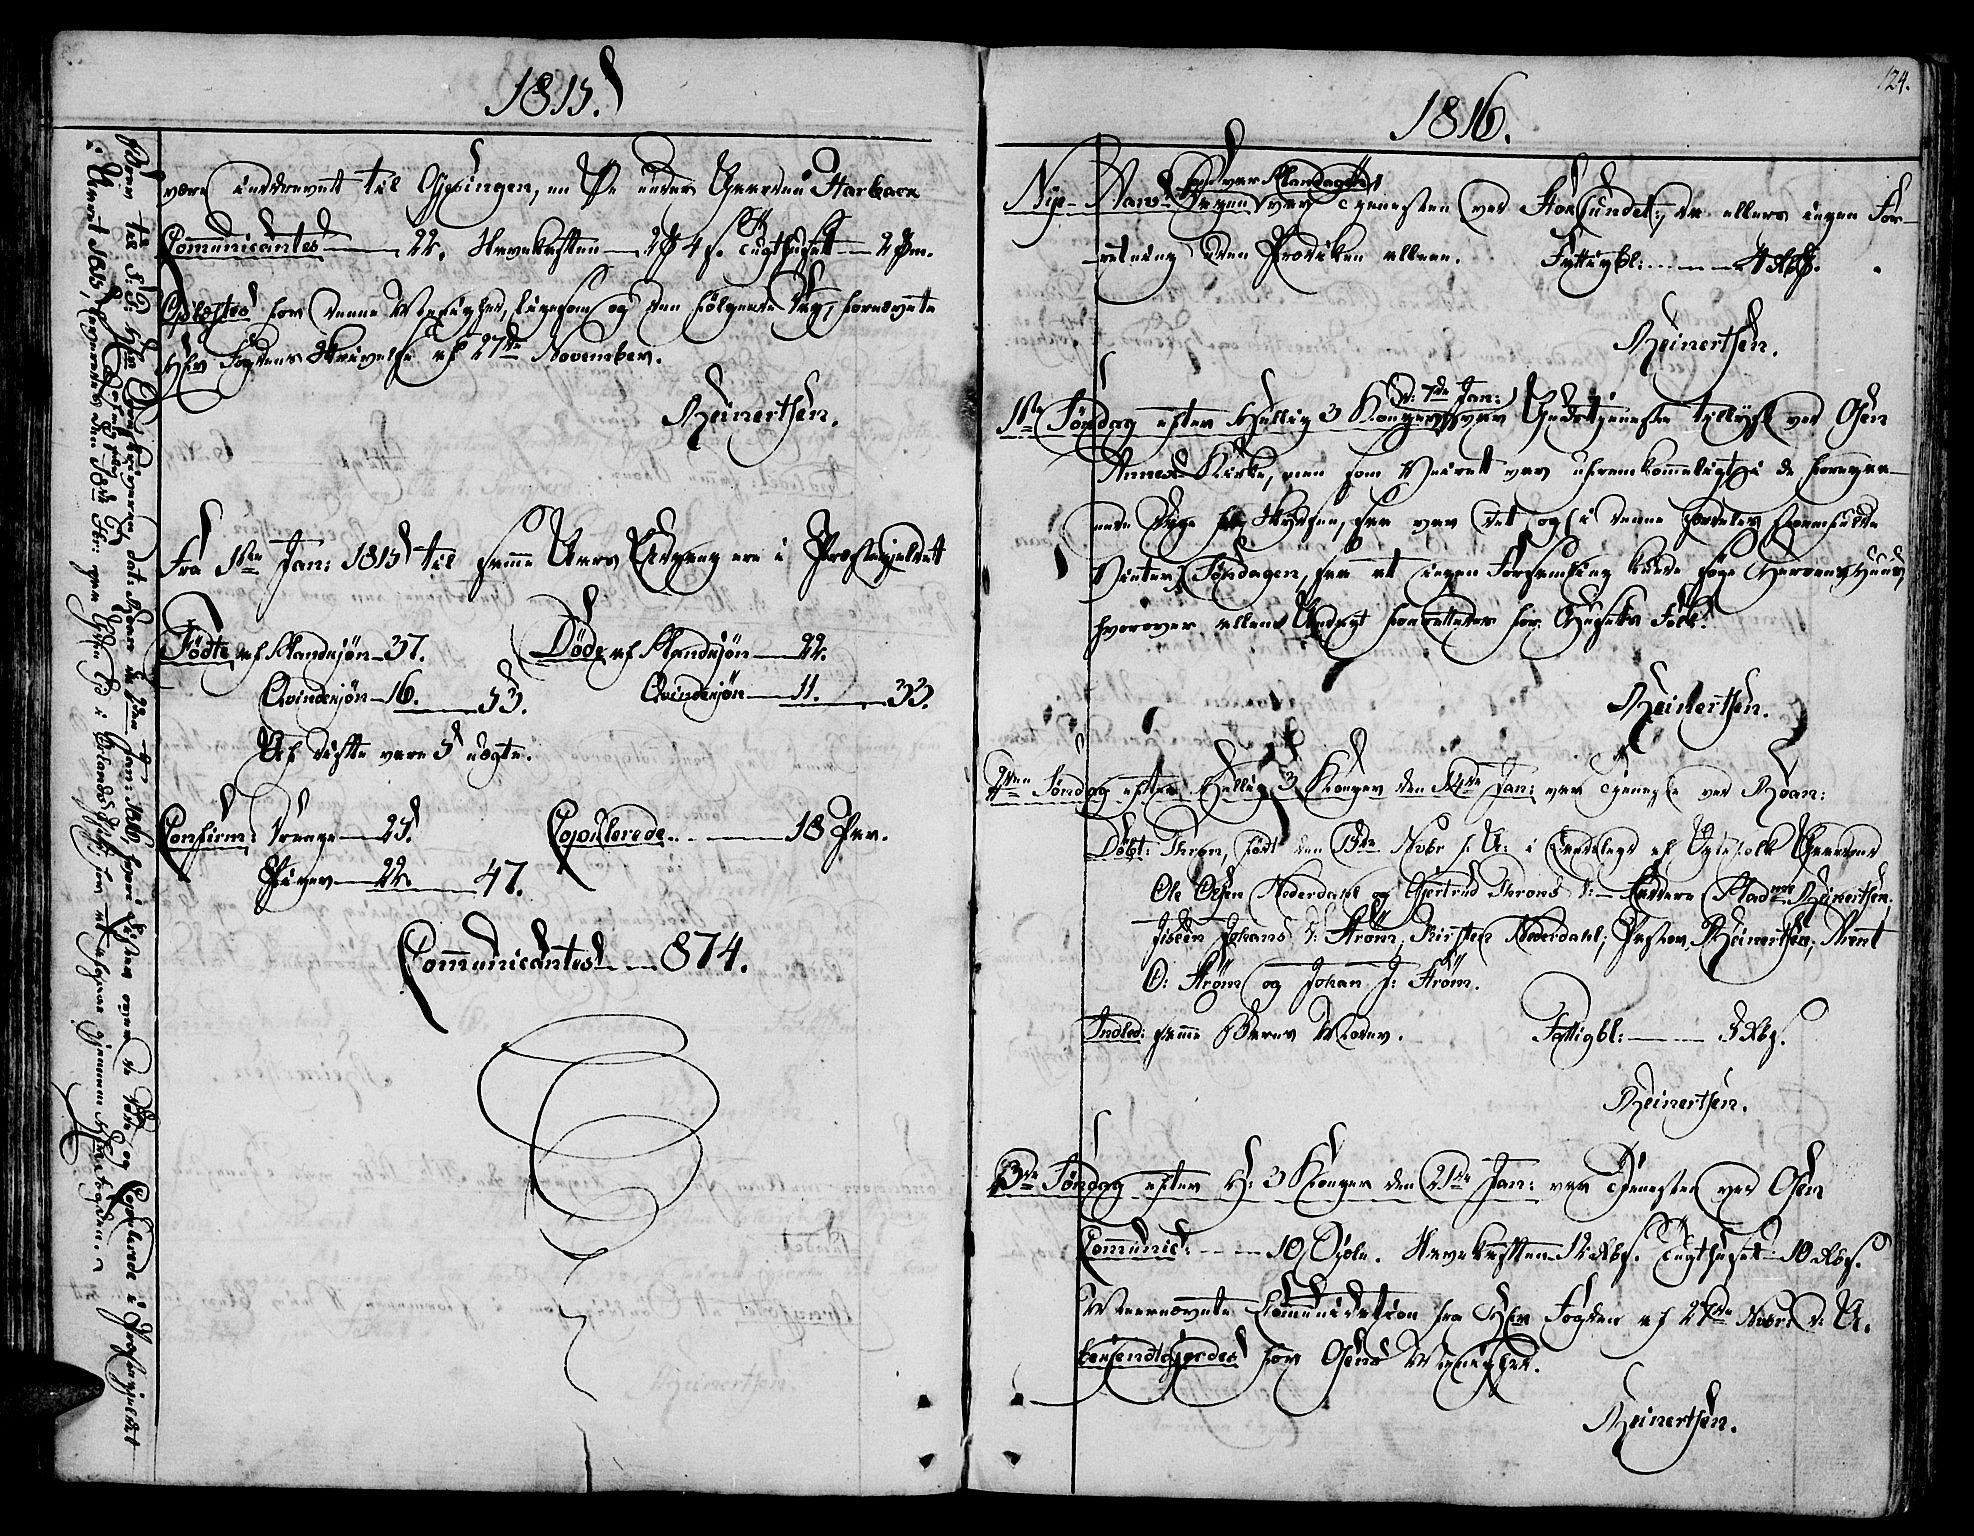 SAT, Ministerialprotokoller, klokkerbøker og fødselsregistre - Sør-Trøndelag, 657/L0701: Ministerialbok nr. 657A02, 1802-1831, s. 124